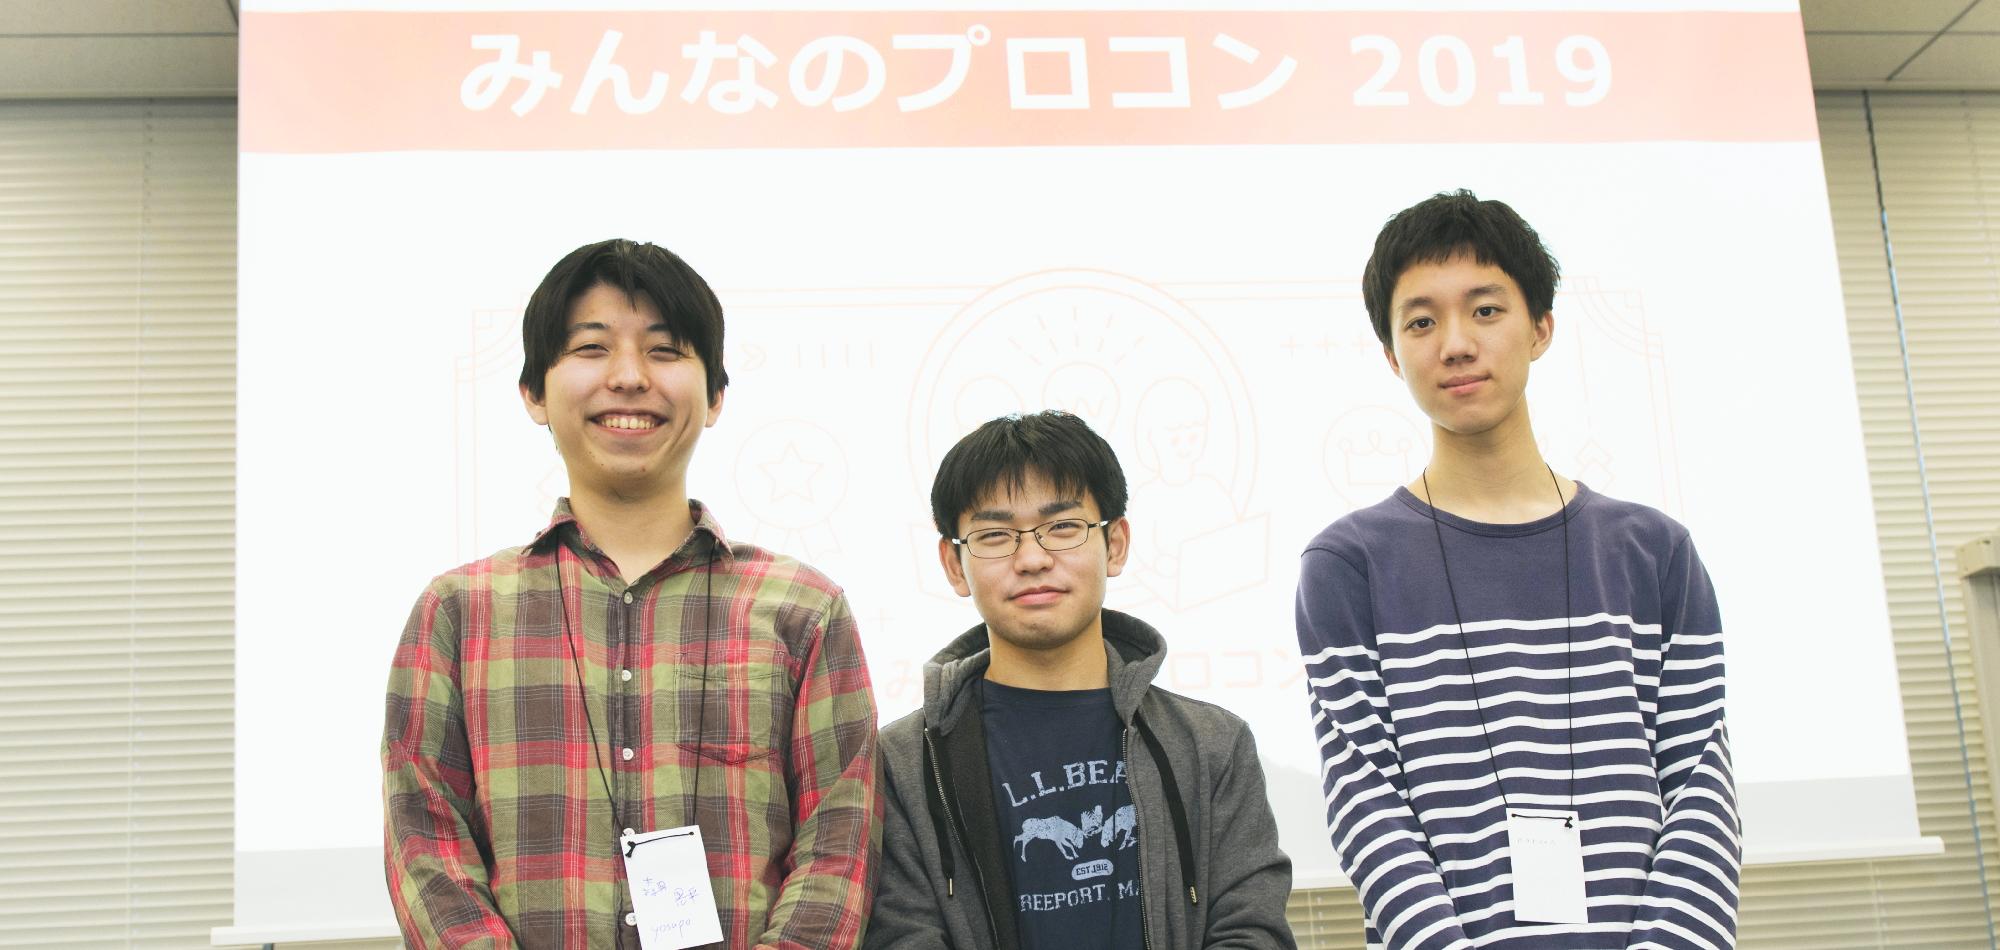 みんぷろ受賞者3名の画像